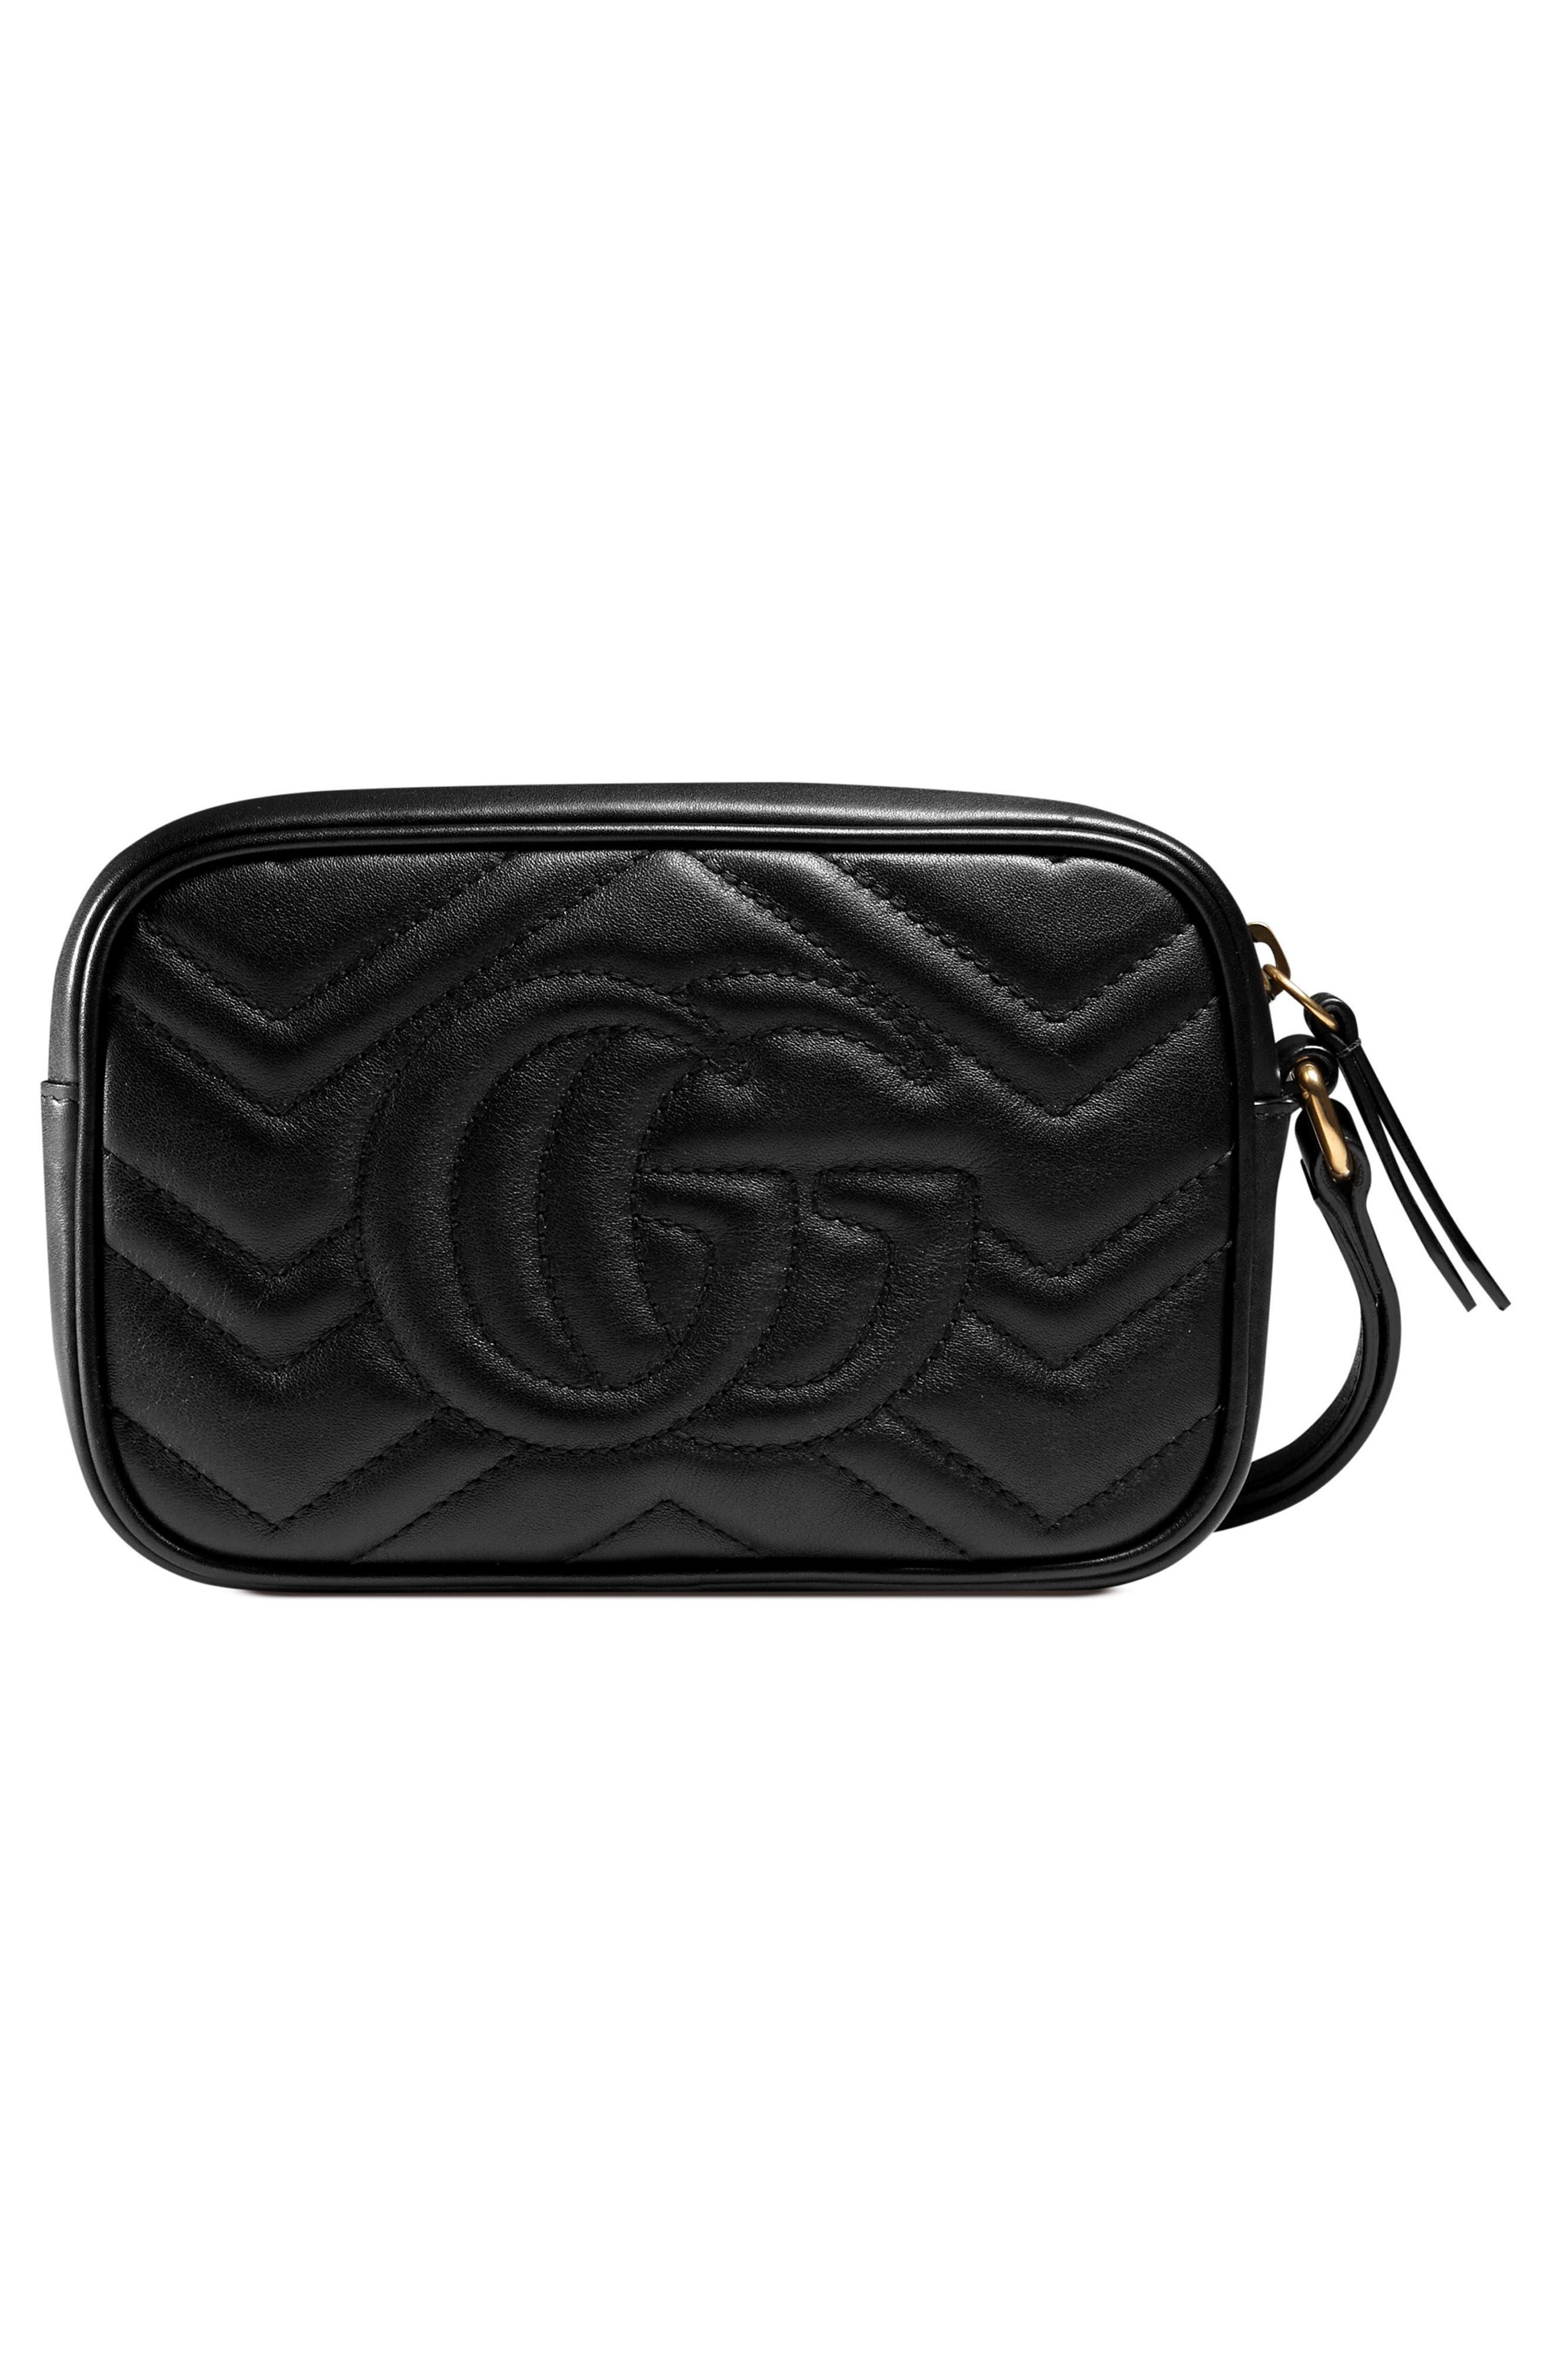 GG Marmont Matelassé Imitation Pearl Leather Shoulder Bag,                             Alternate thumbnail 3, color,